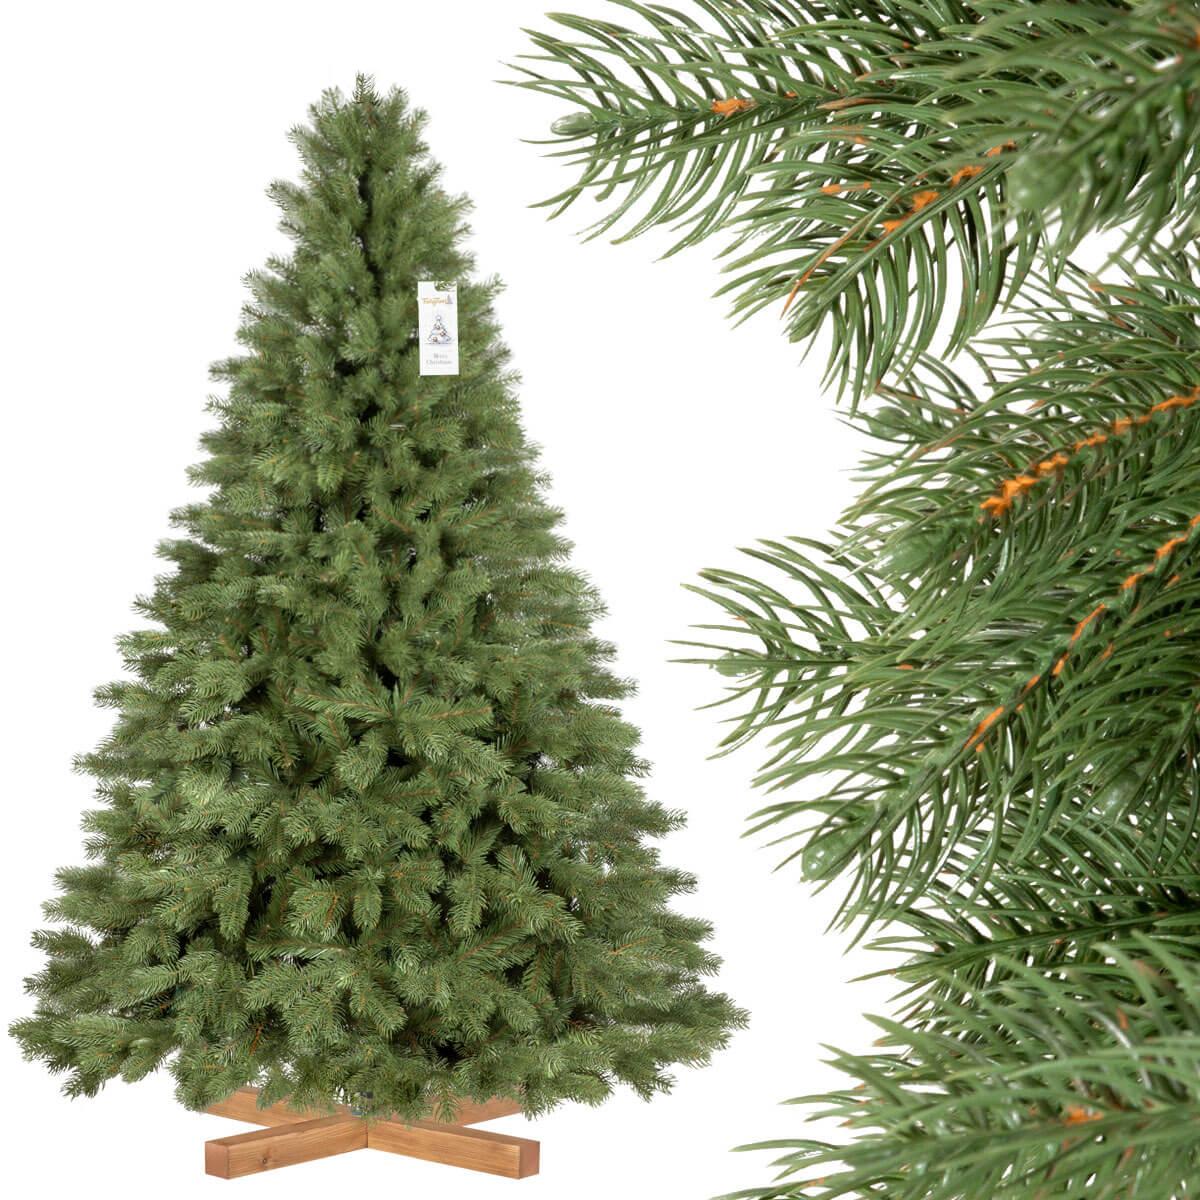 Idą Święta, szanuj las. Dlaczego sztuczna choinka jest lepsza niż prawdziwa? 6